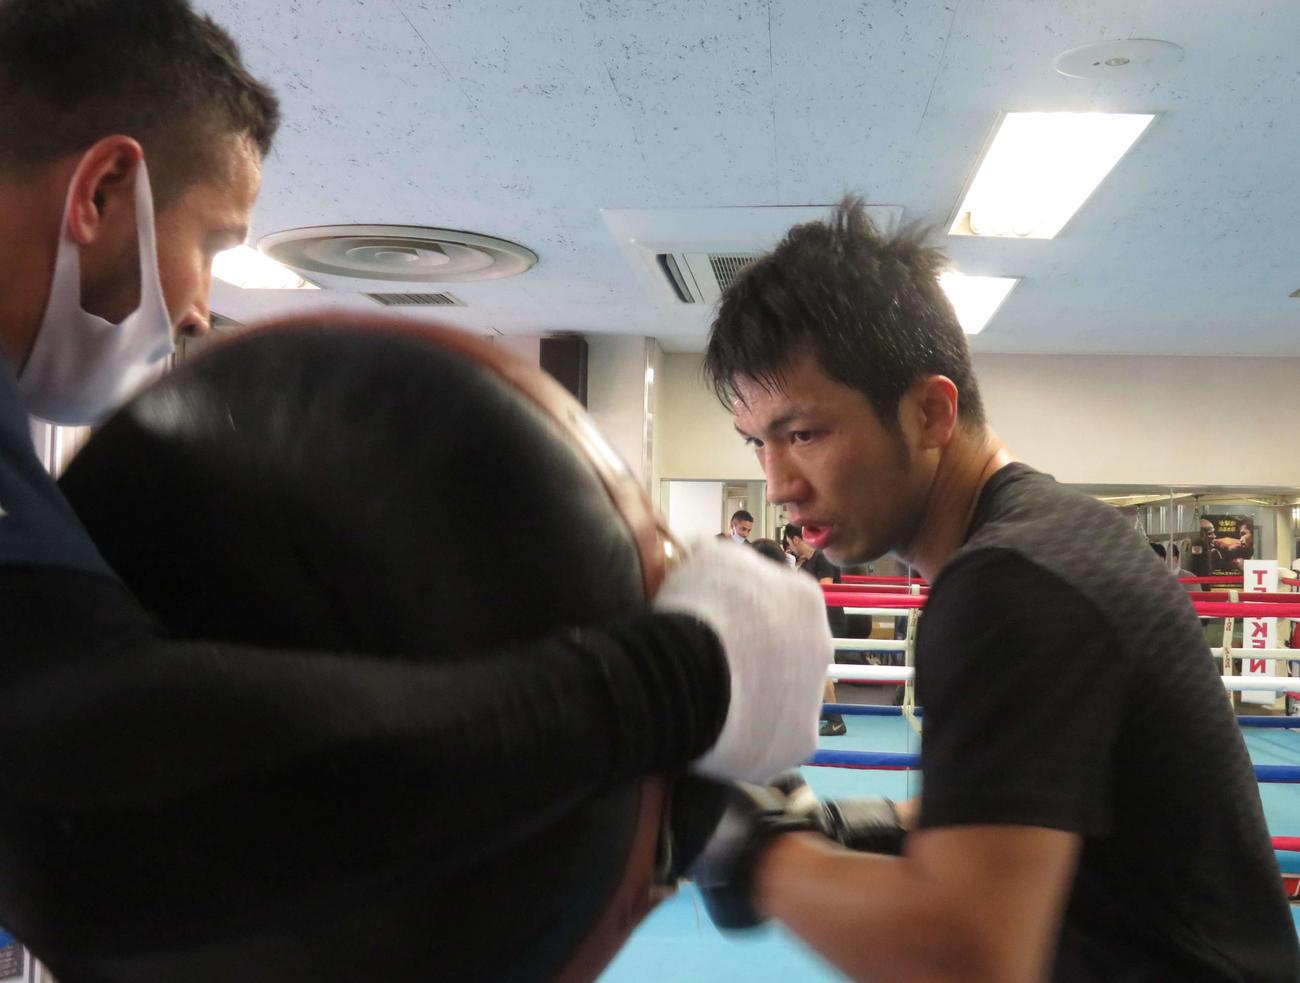 35歳のバースデーも、所属ジムでトレーニングを積んだWBA世界ミドル級スーパー王者村田諒太